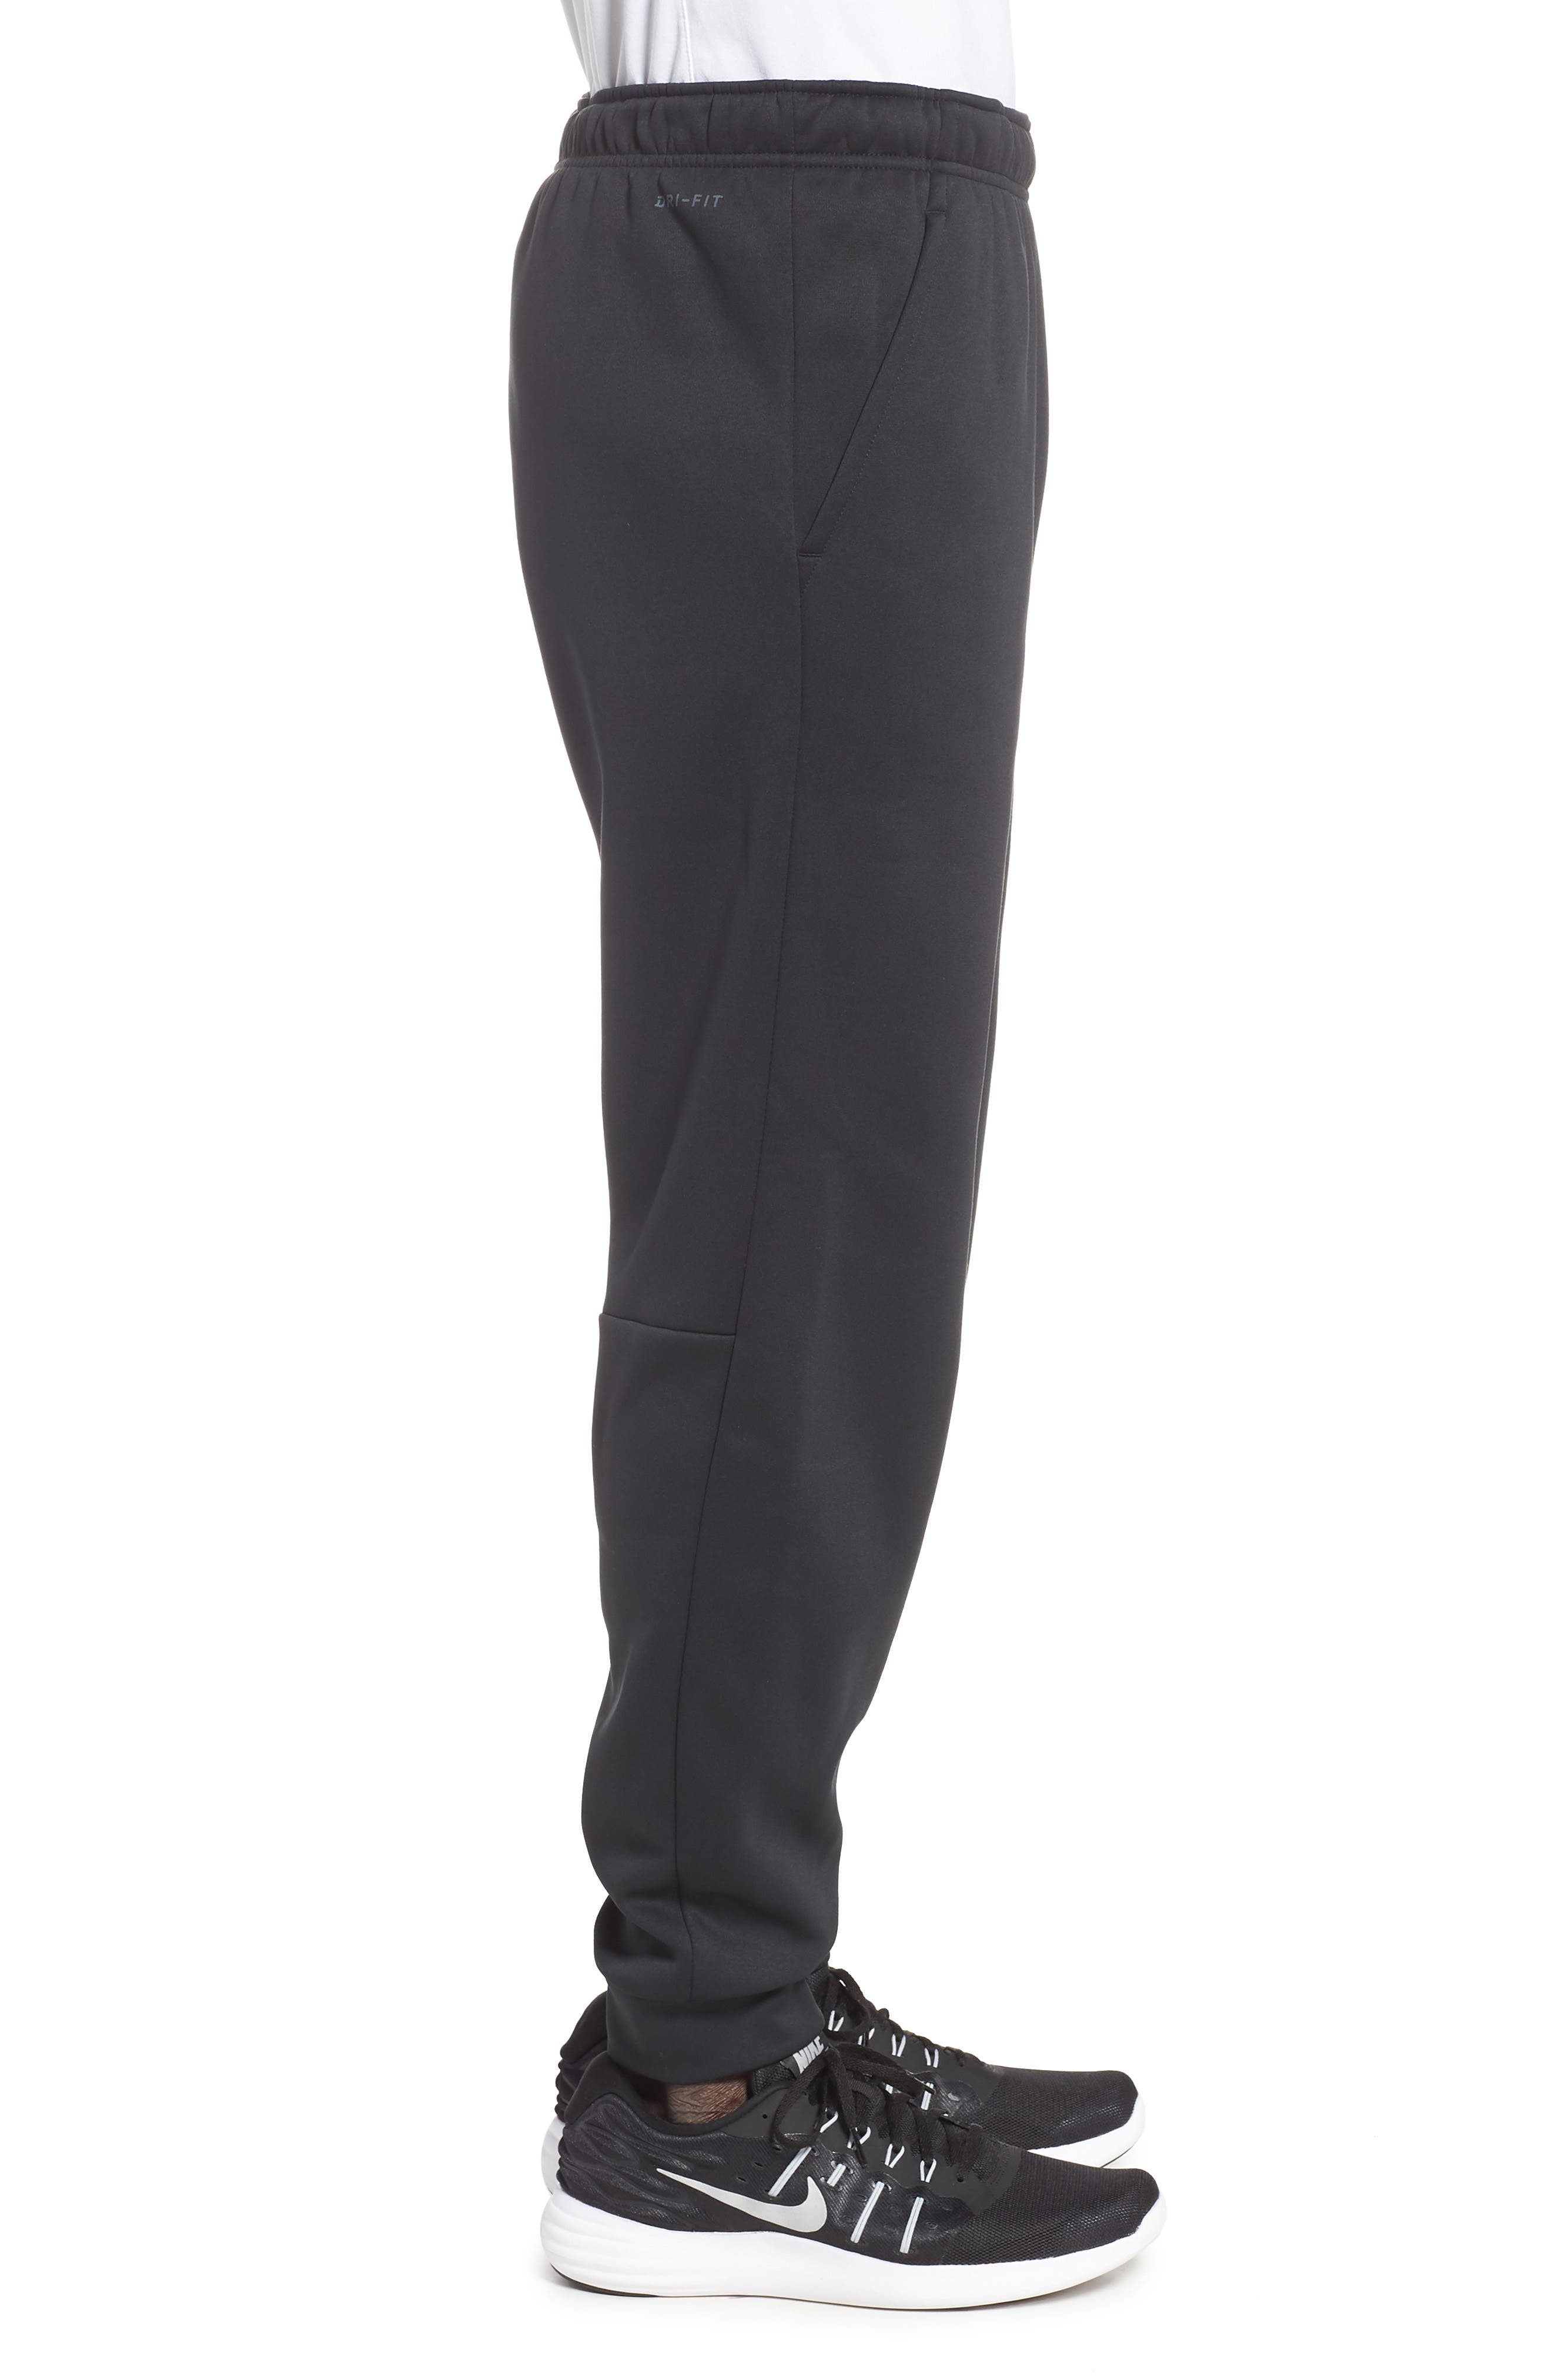 Dri-FIT Therma Training Pants,                             Alternate thumbnail 3, color,                             BLACK/ METALLIC HEMATITE